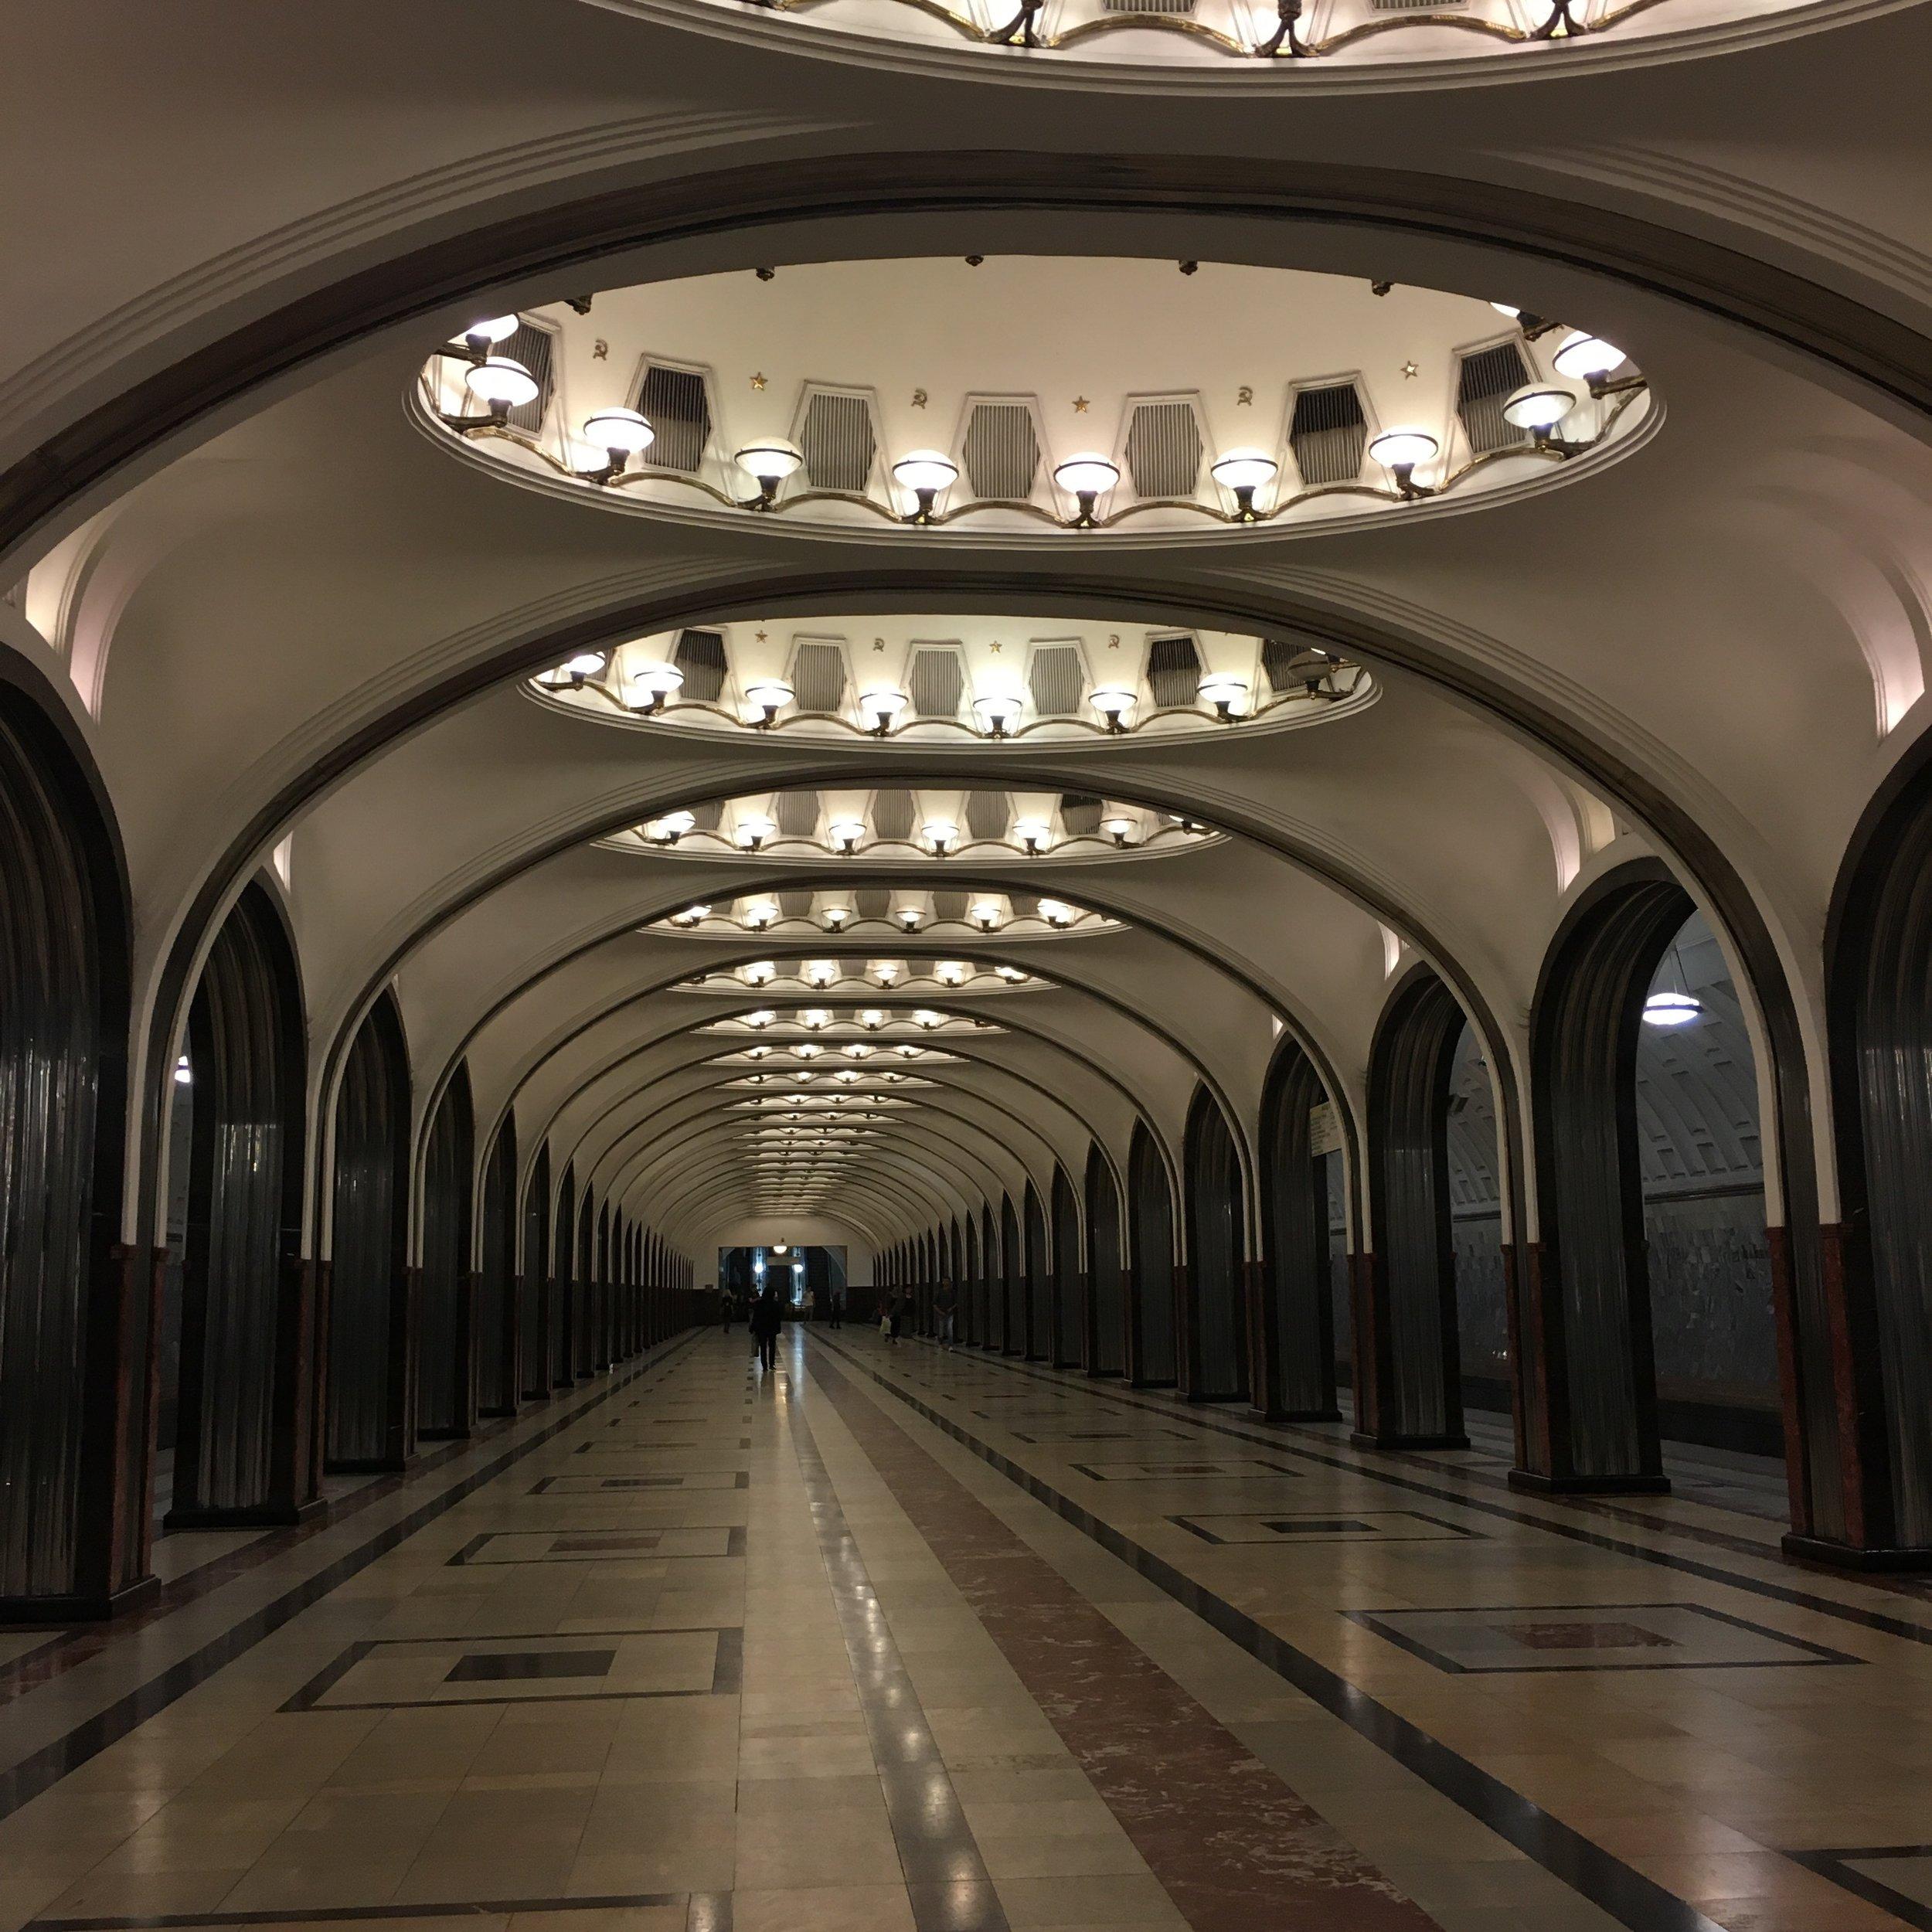 #MoscowMetro